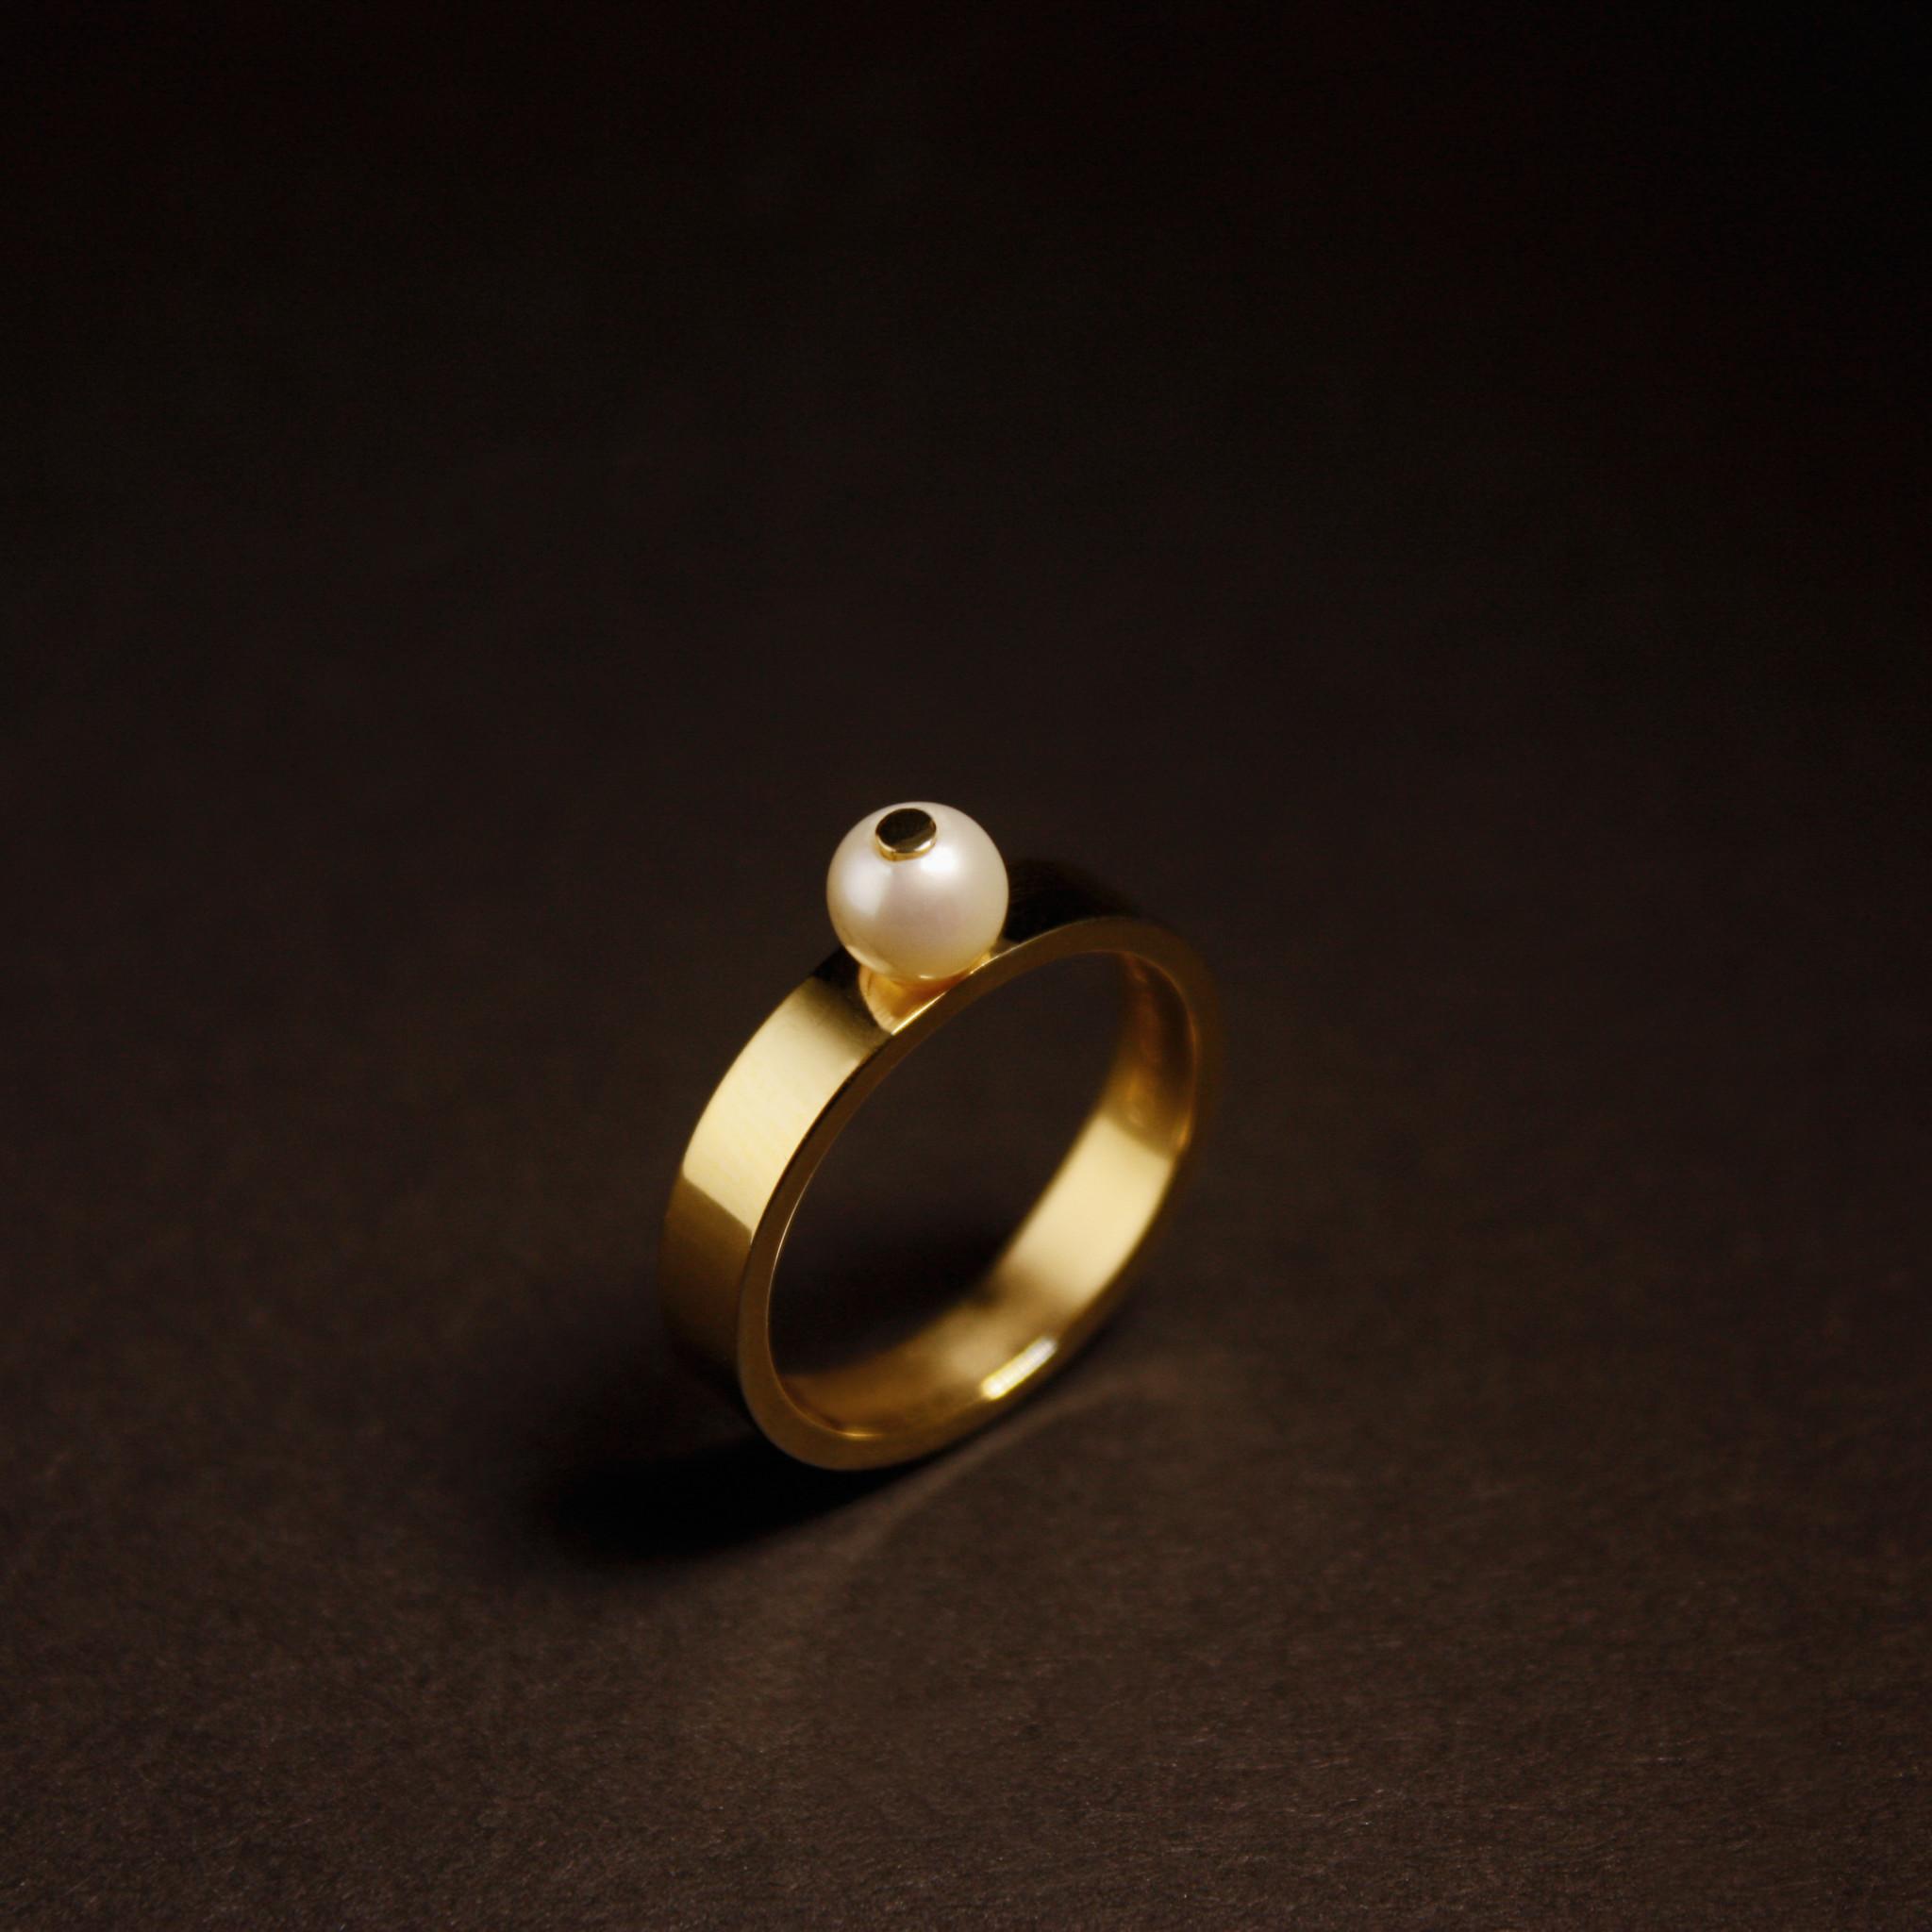 Ring PAREL, goud-3